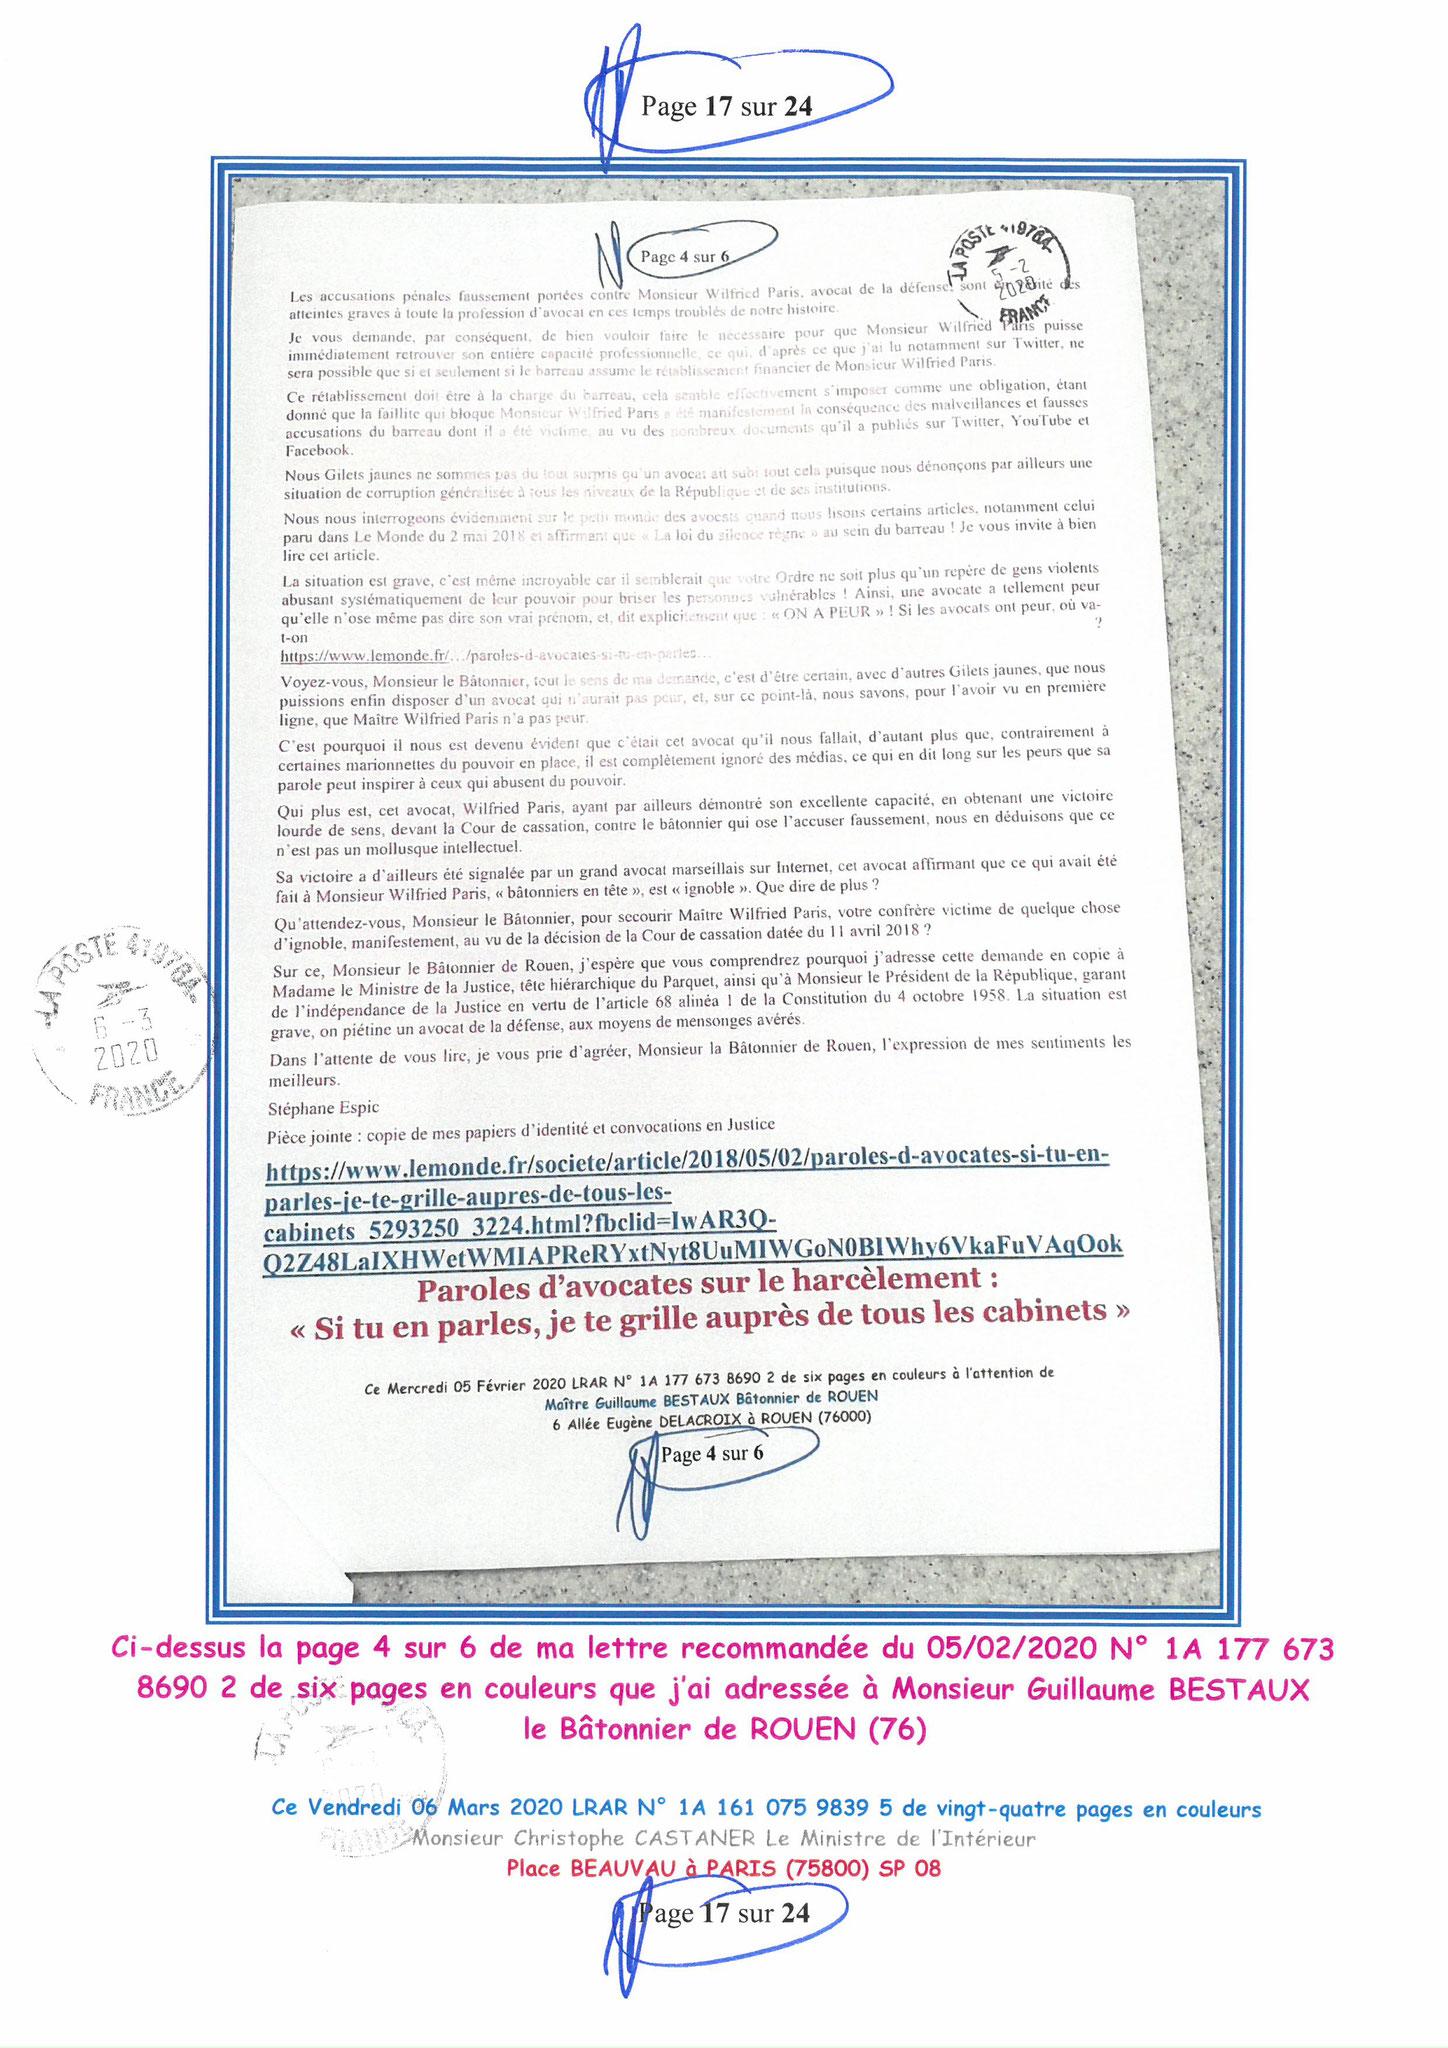 Ma LRAR à Monsieur le Ministre de l'Intérieur Christophe CASTANER N°1A 161 075 9839 5  Page 17 sur 24 en couleur du 06 Mars 2020  www.jesuispatrick.fr